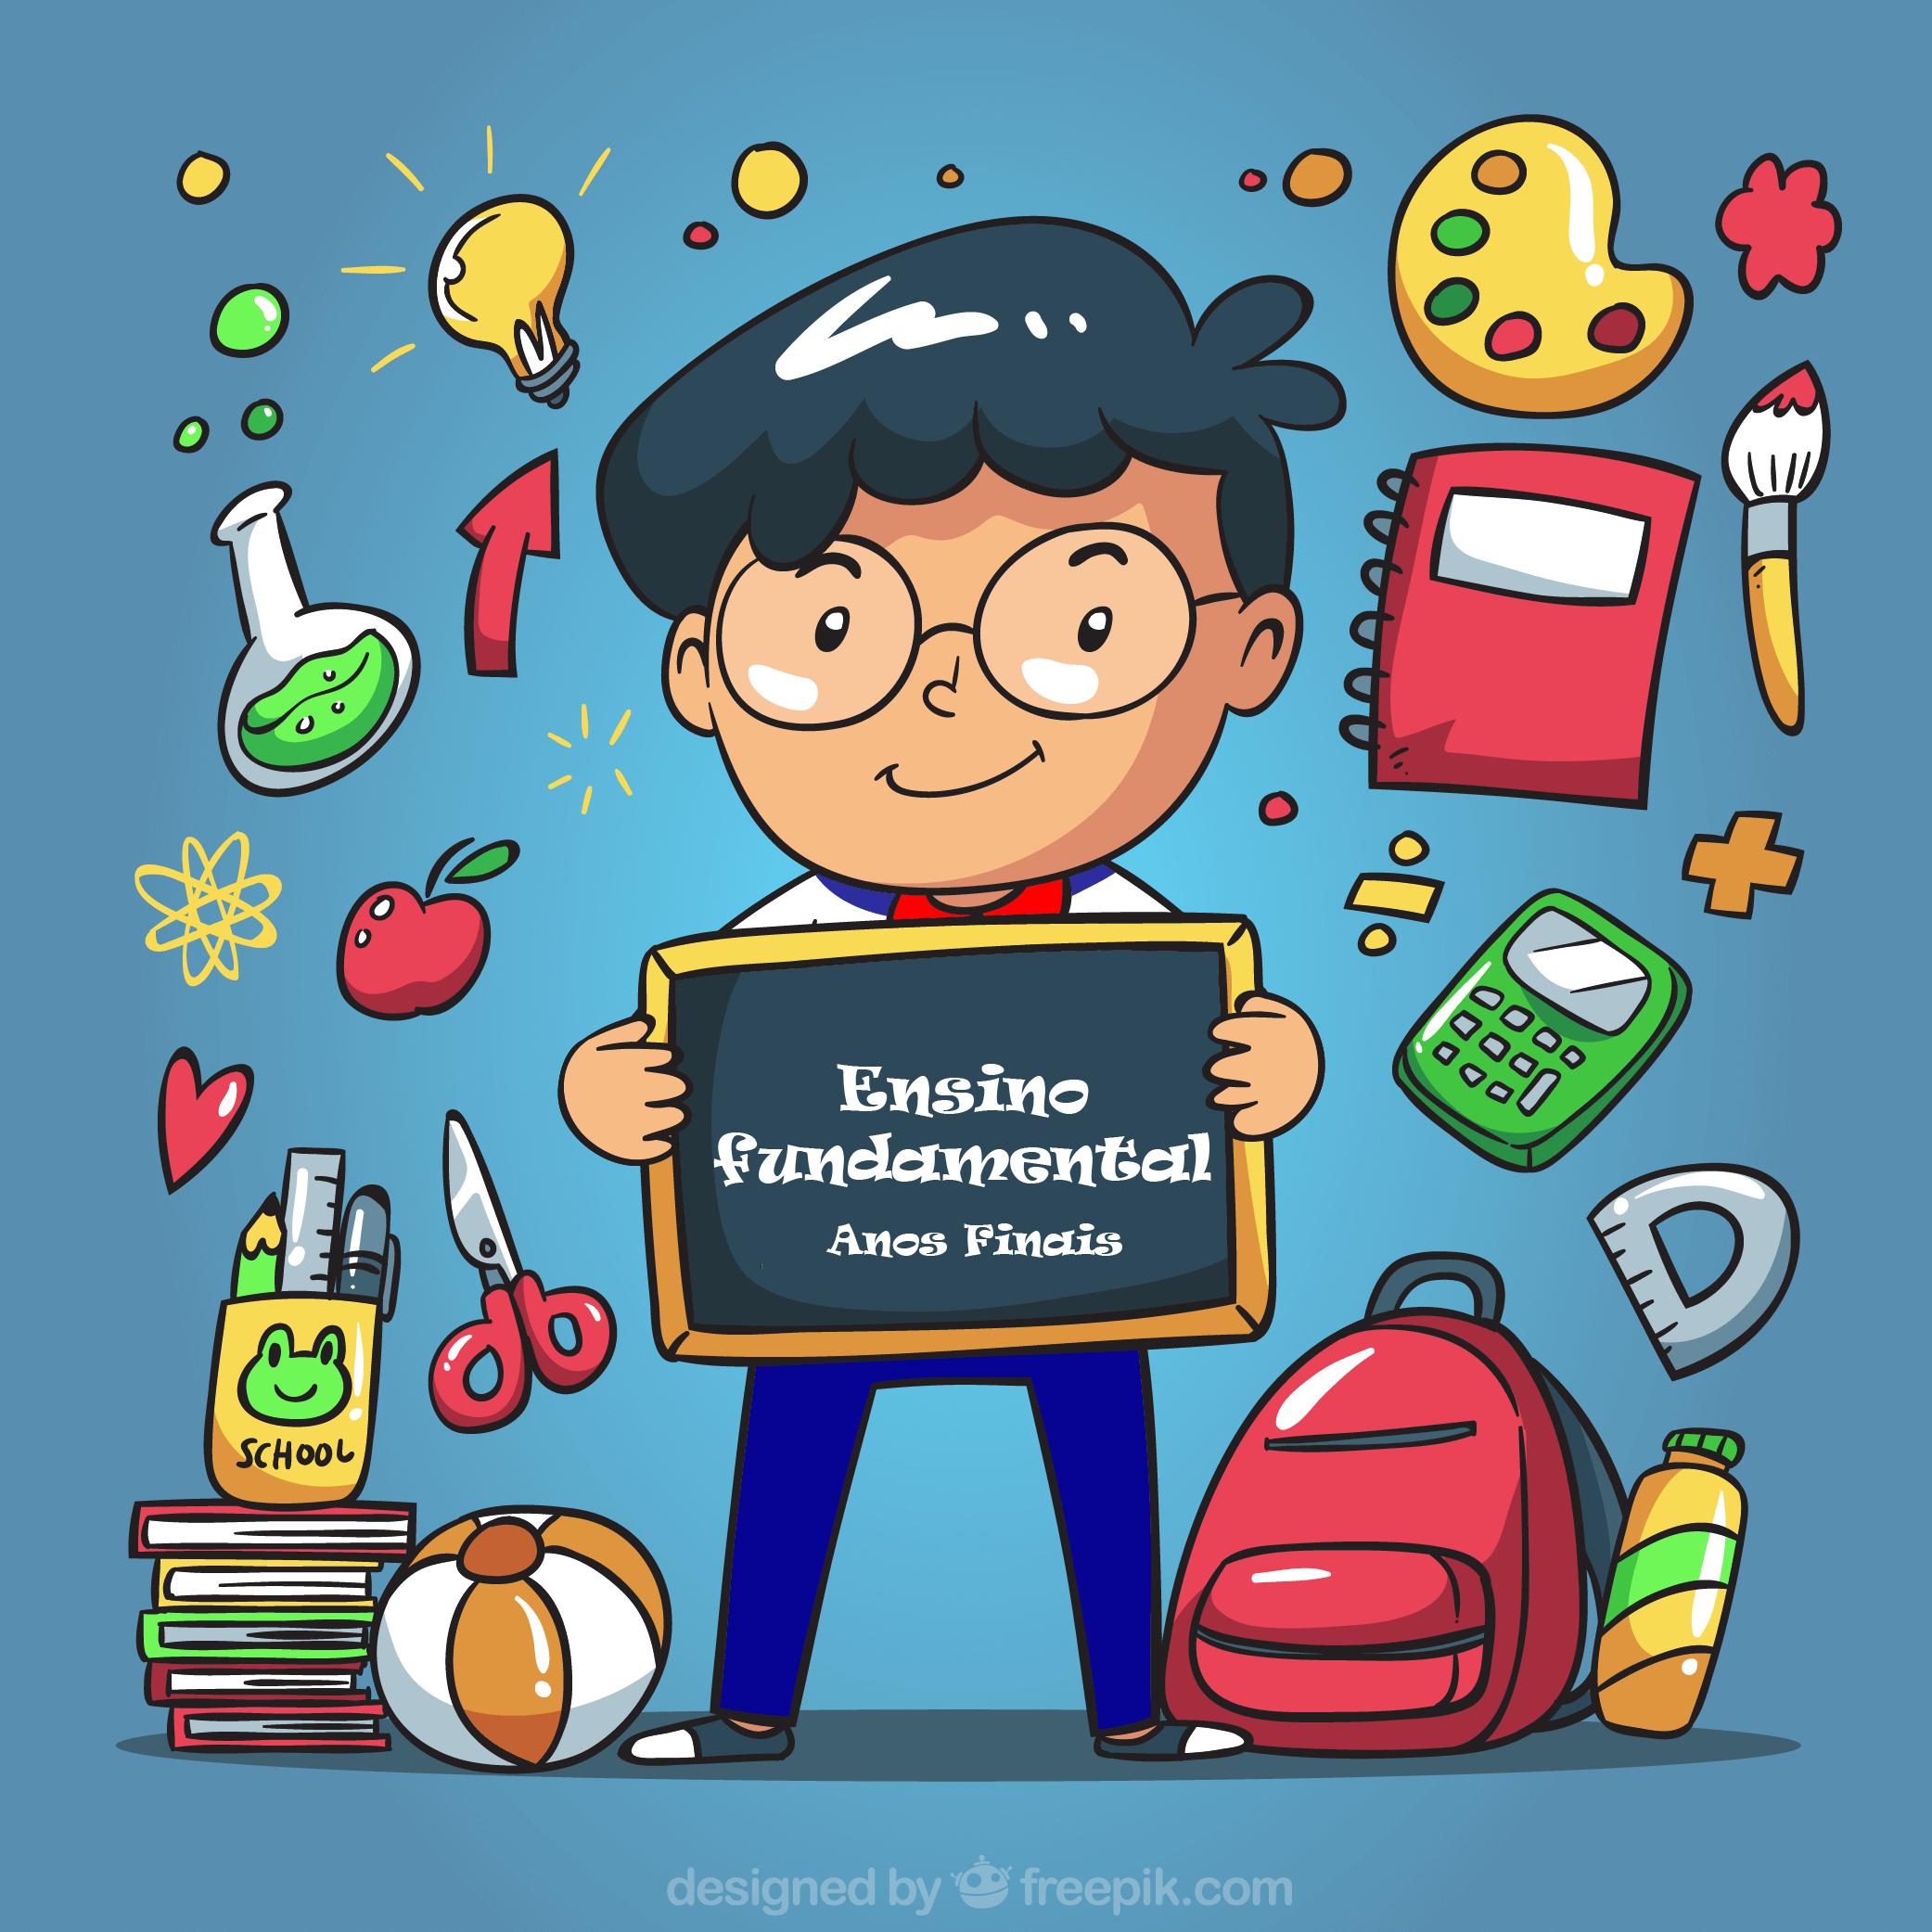 Ensino Fundamental - Anos Finais